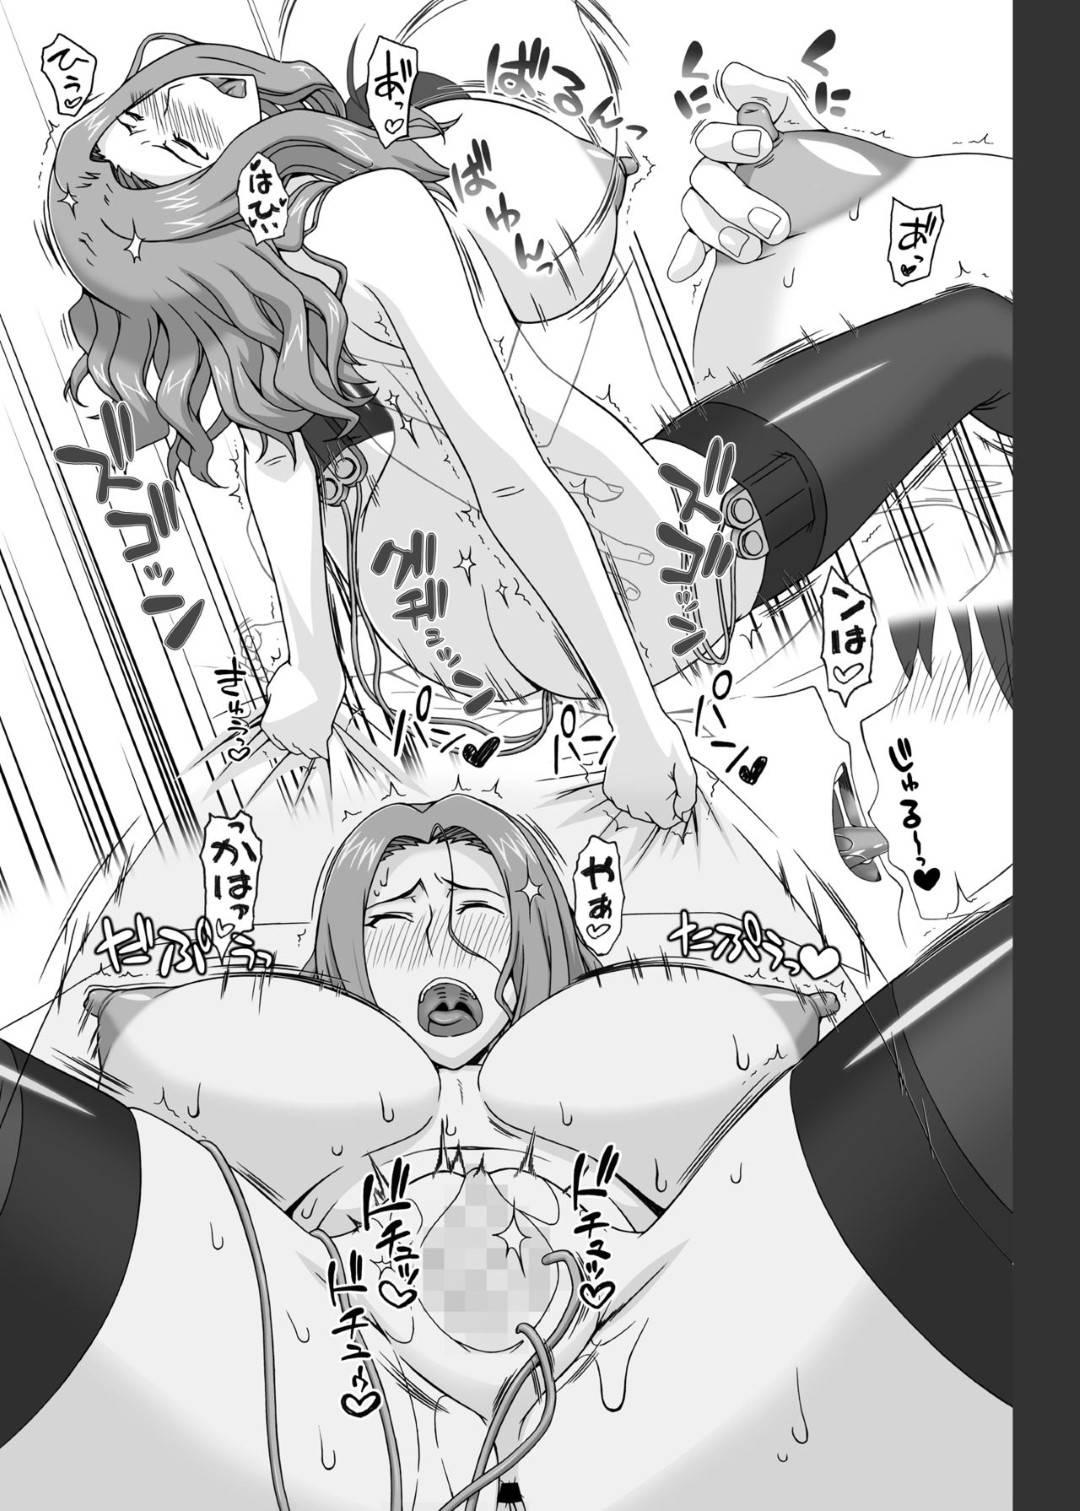 【巨乳人妻エロ漫画】巨乳人妻の橘京香が少年のユウ君とセックスするが、大量のローターを持ち出してきてアナルや膣に入れられてイかされまくる!【孤蛮屋こばん】